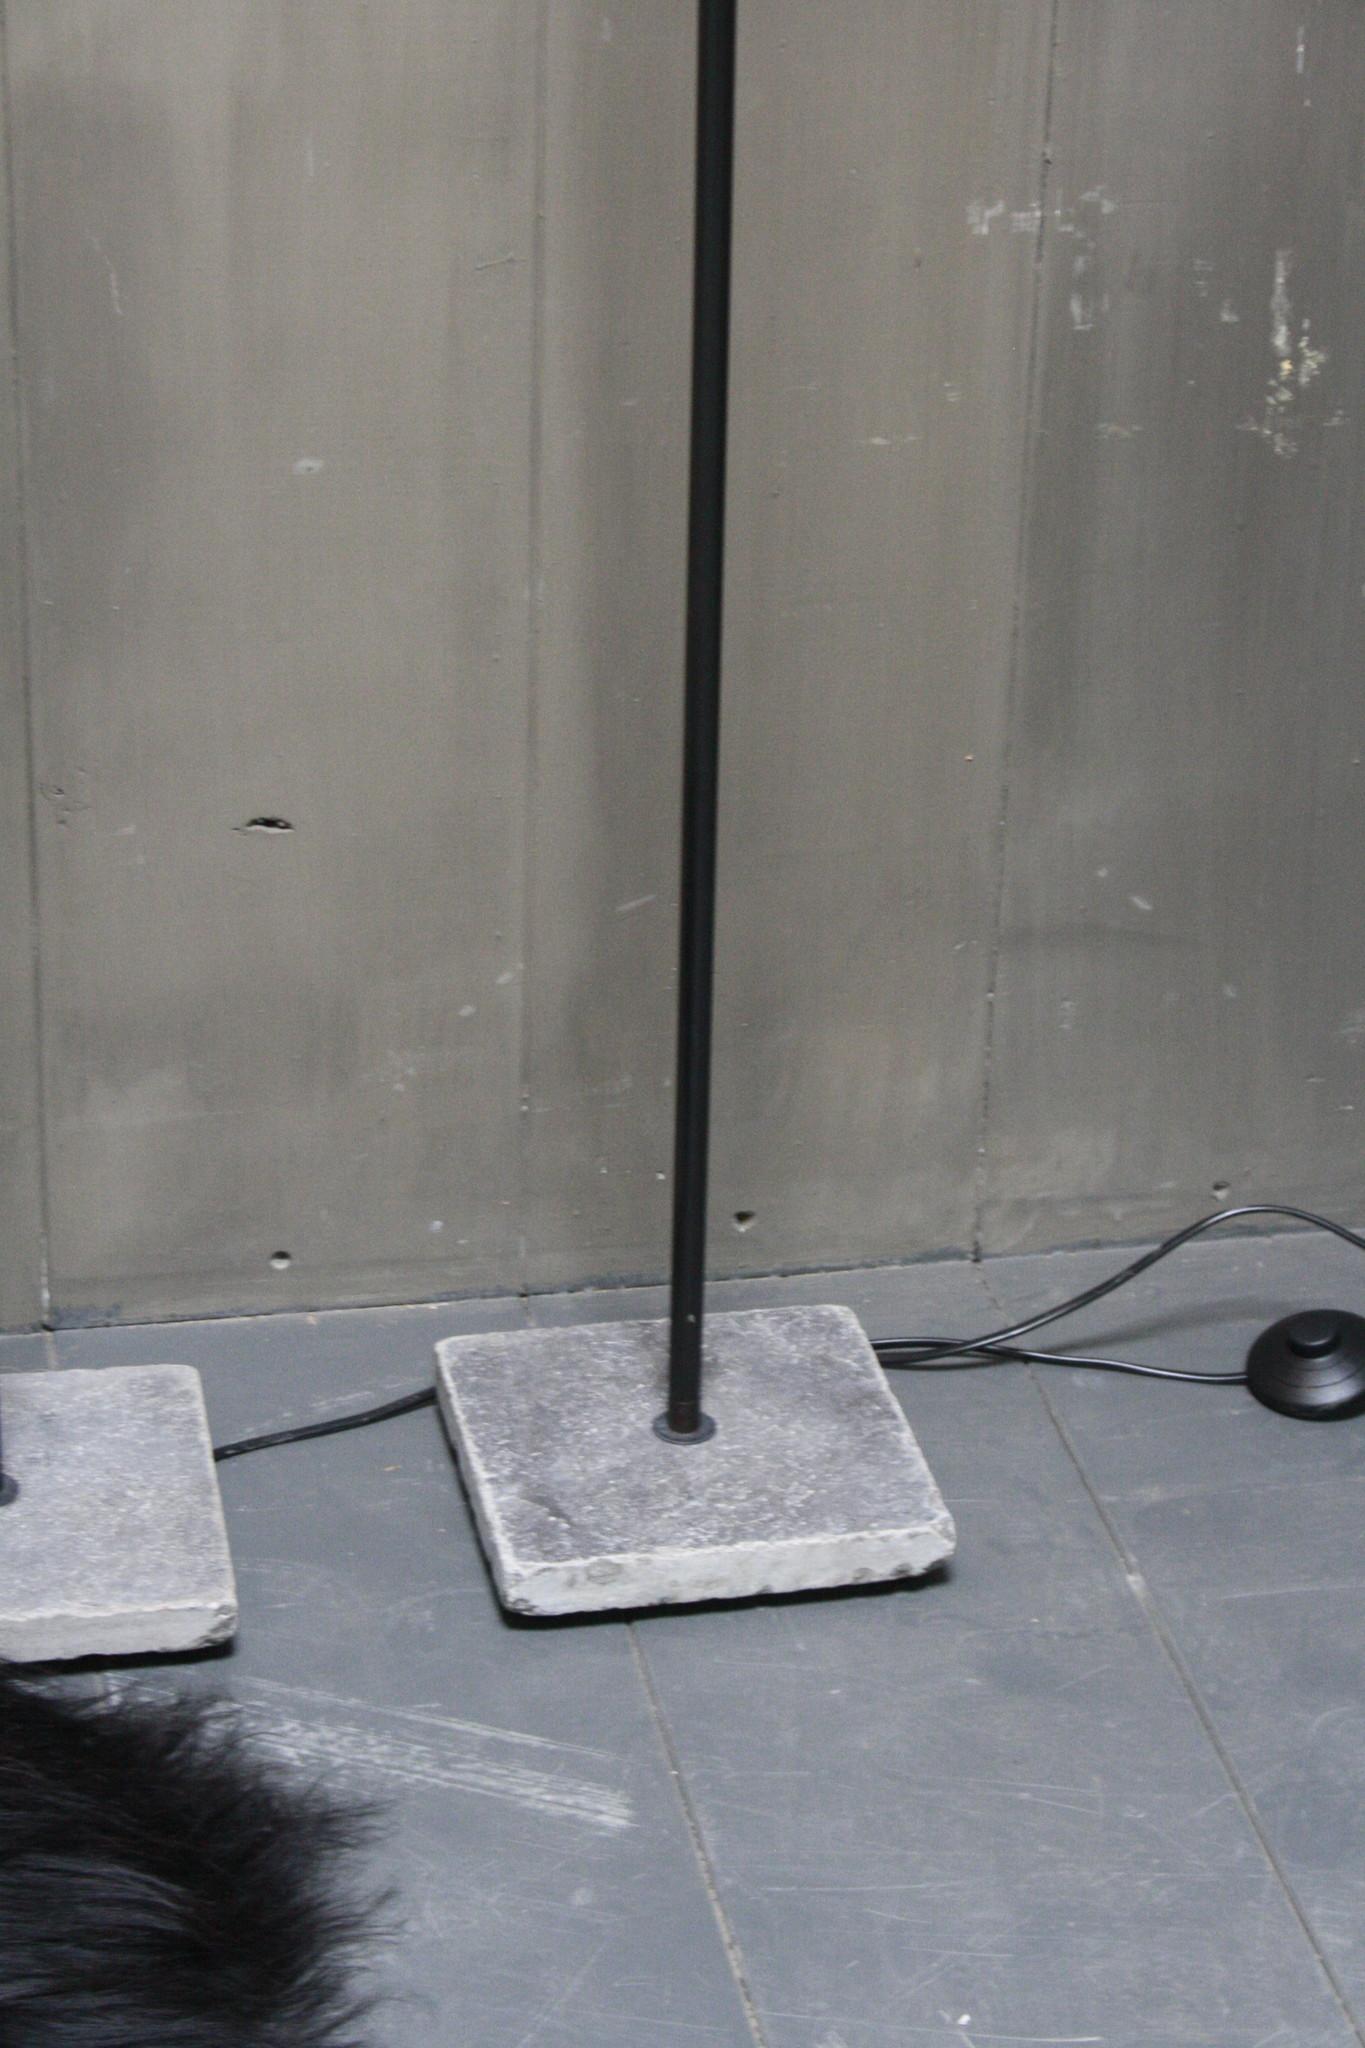 Vloerlamp 120 cm velvet luipaard/panterprint + natuurstenen voet-5